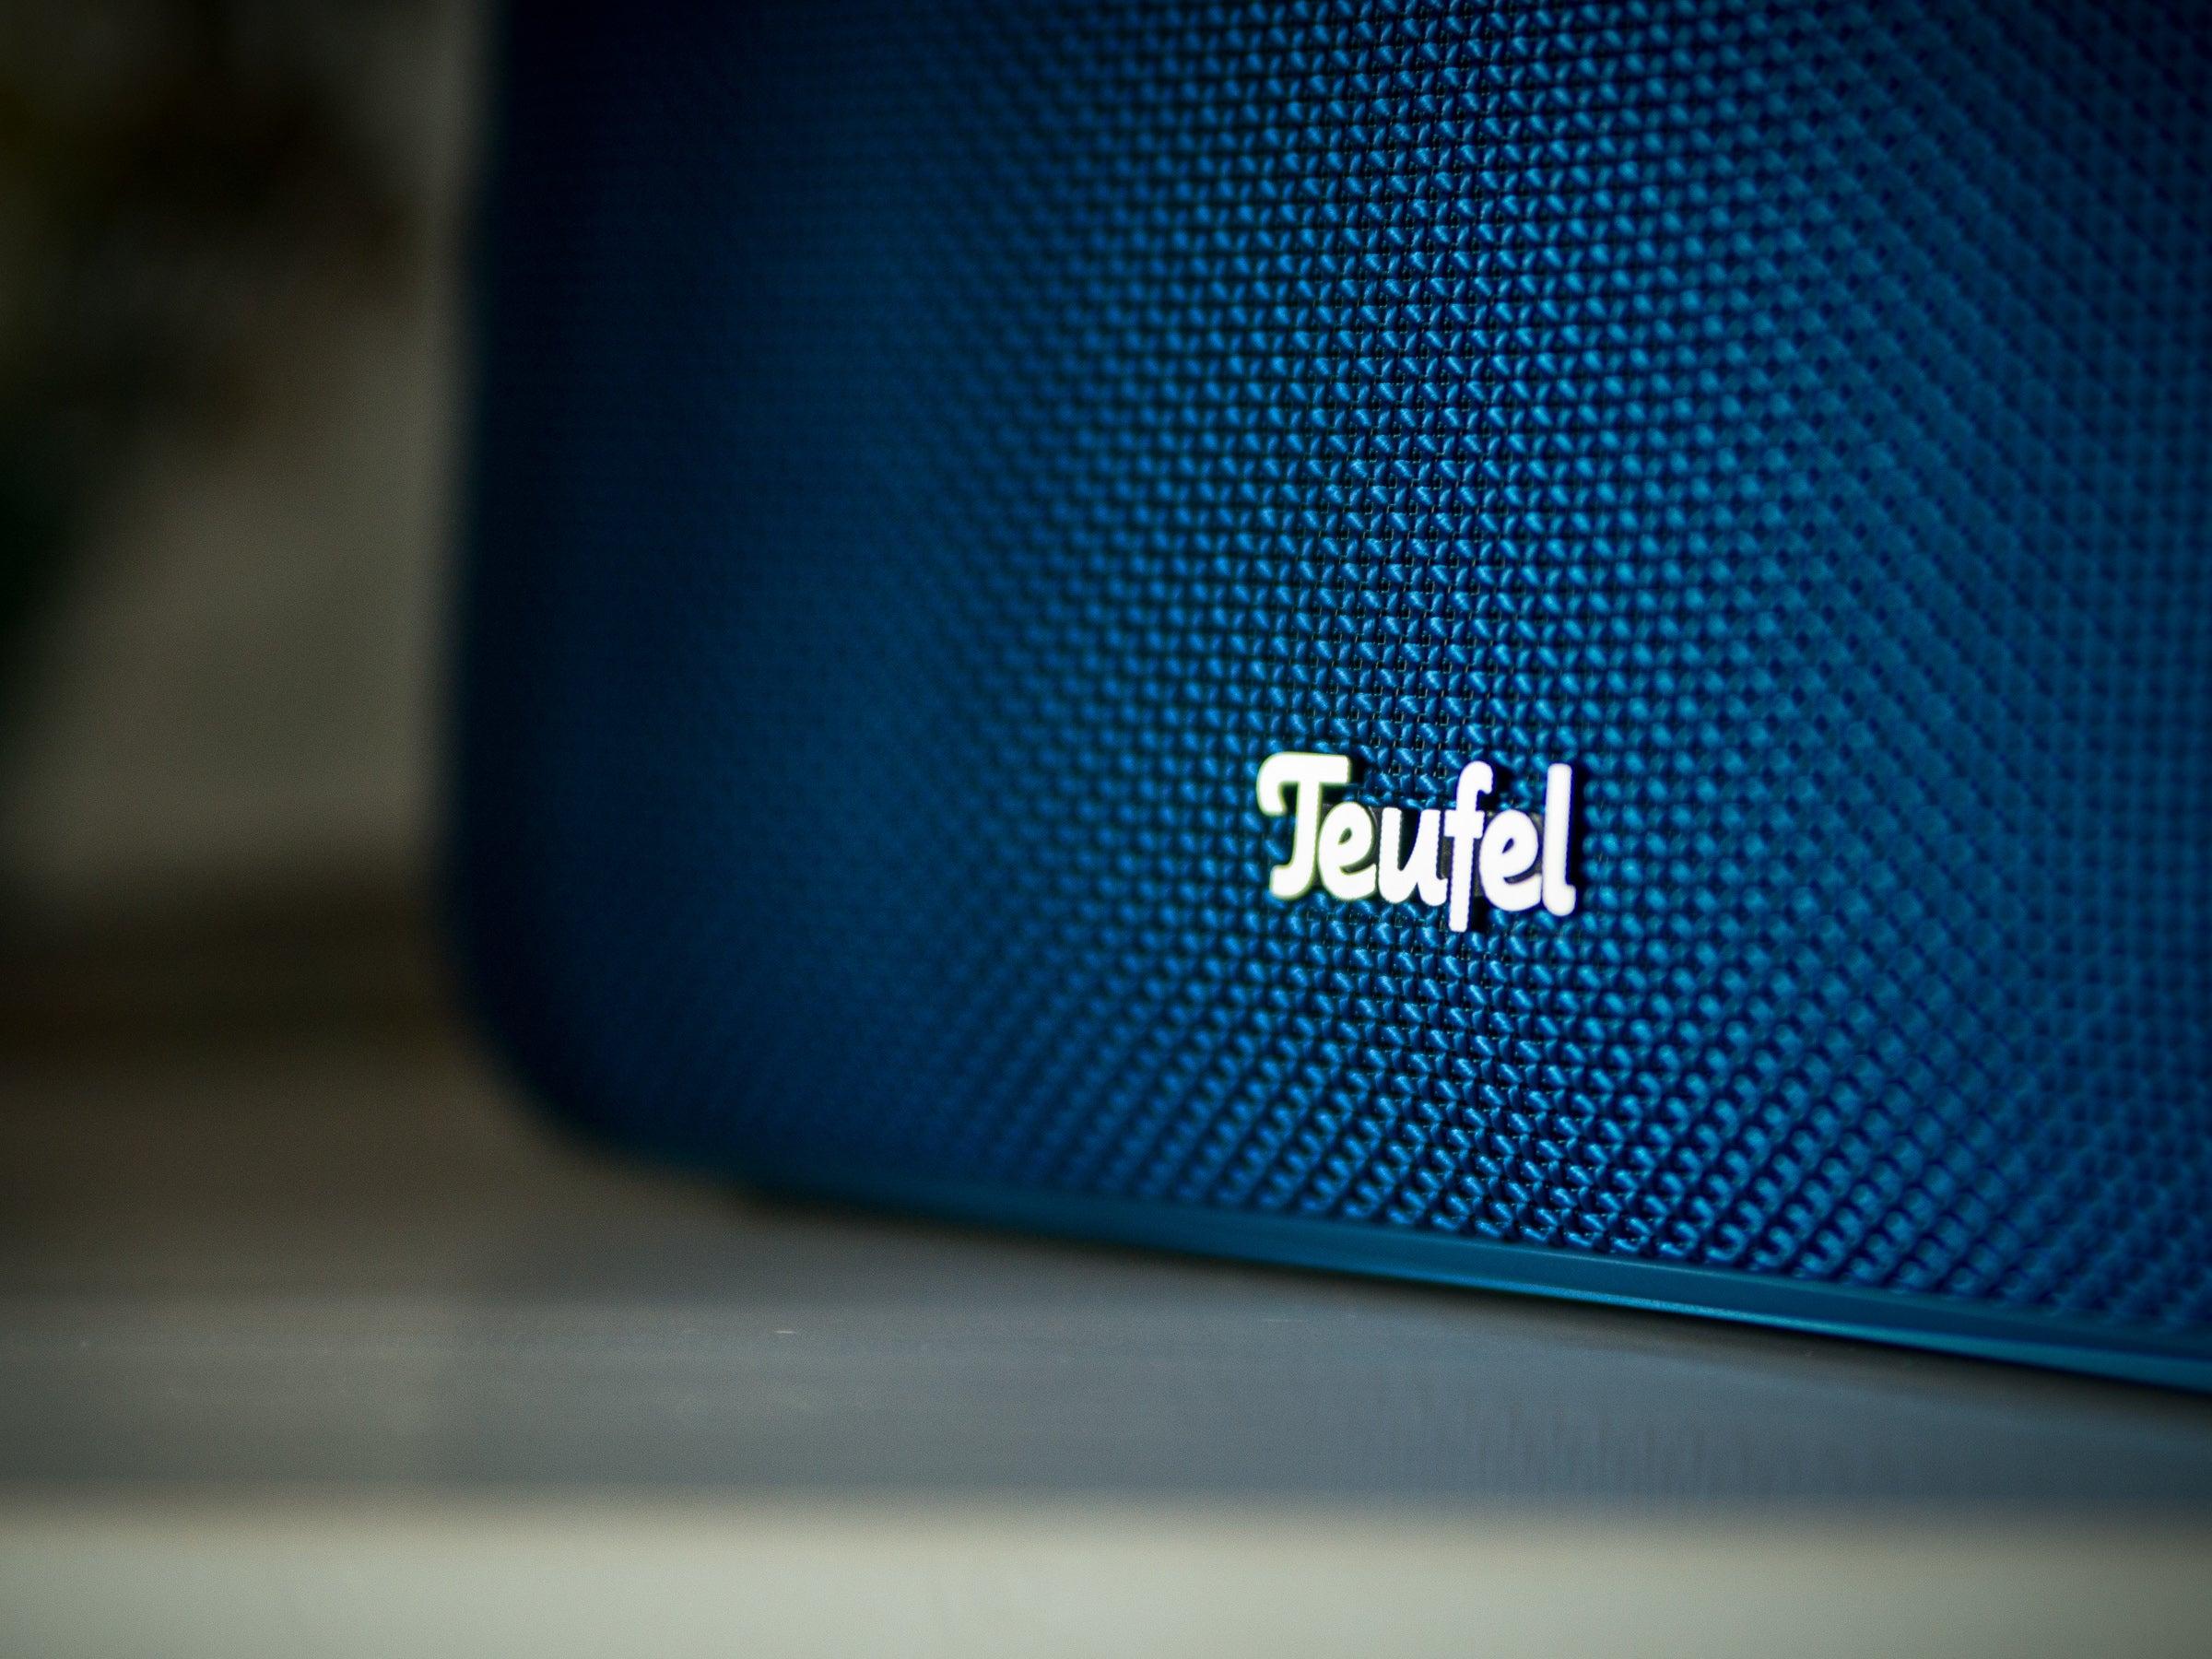 Tolles Design für Wohnzimmer, doch der Lautsprecher hat auch Outdoor-Eigenschaften